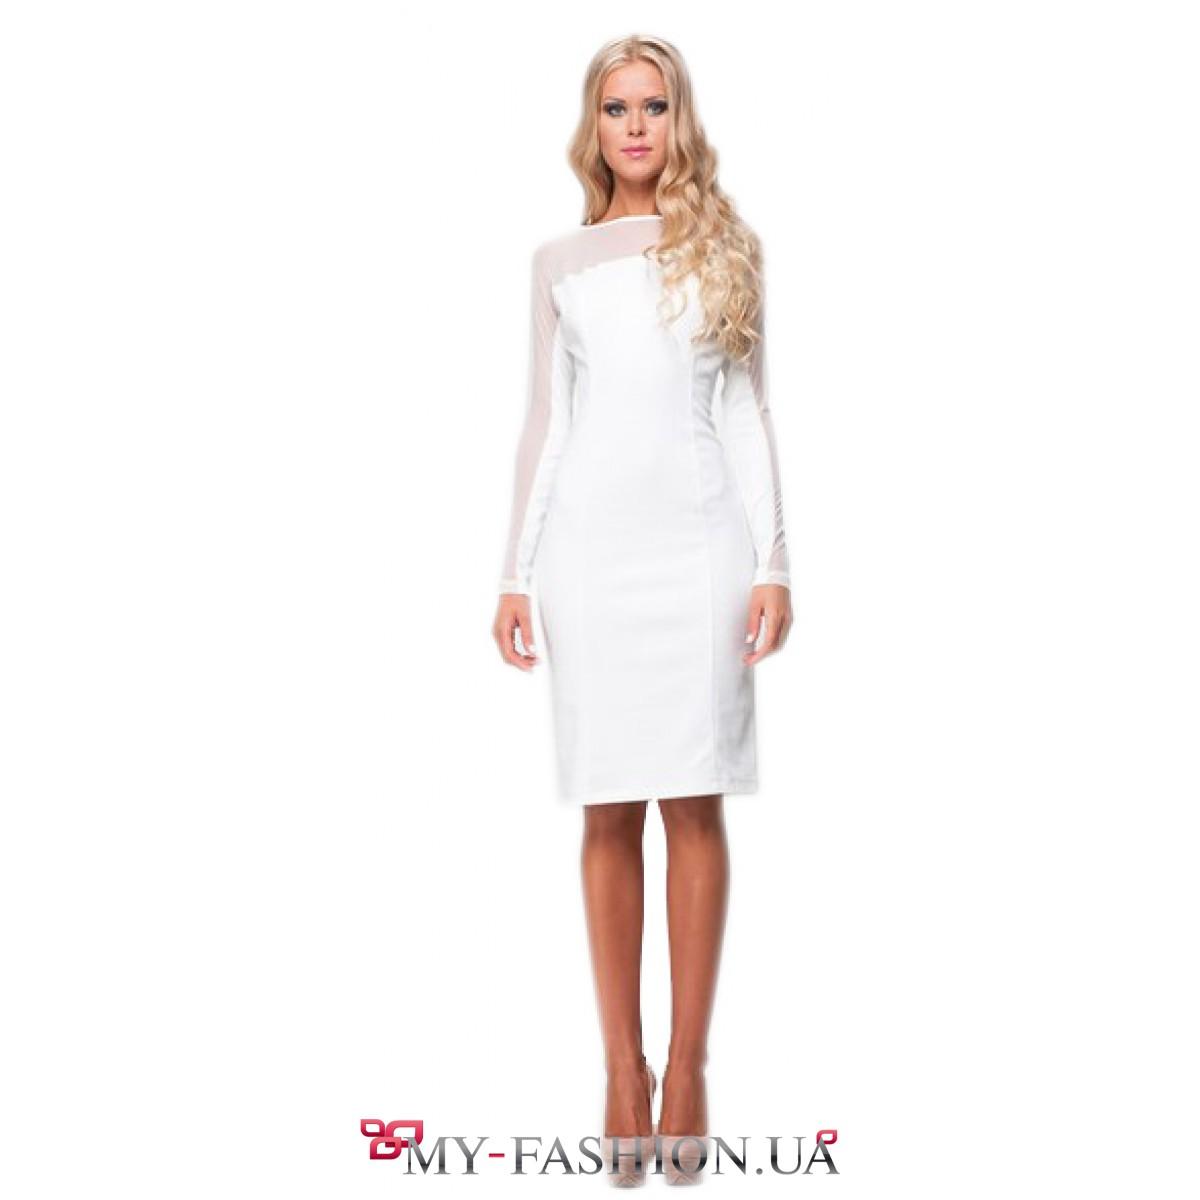 Купить Женская Одежда Платья